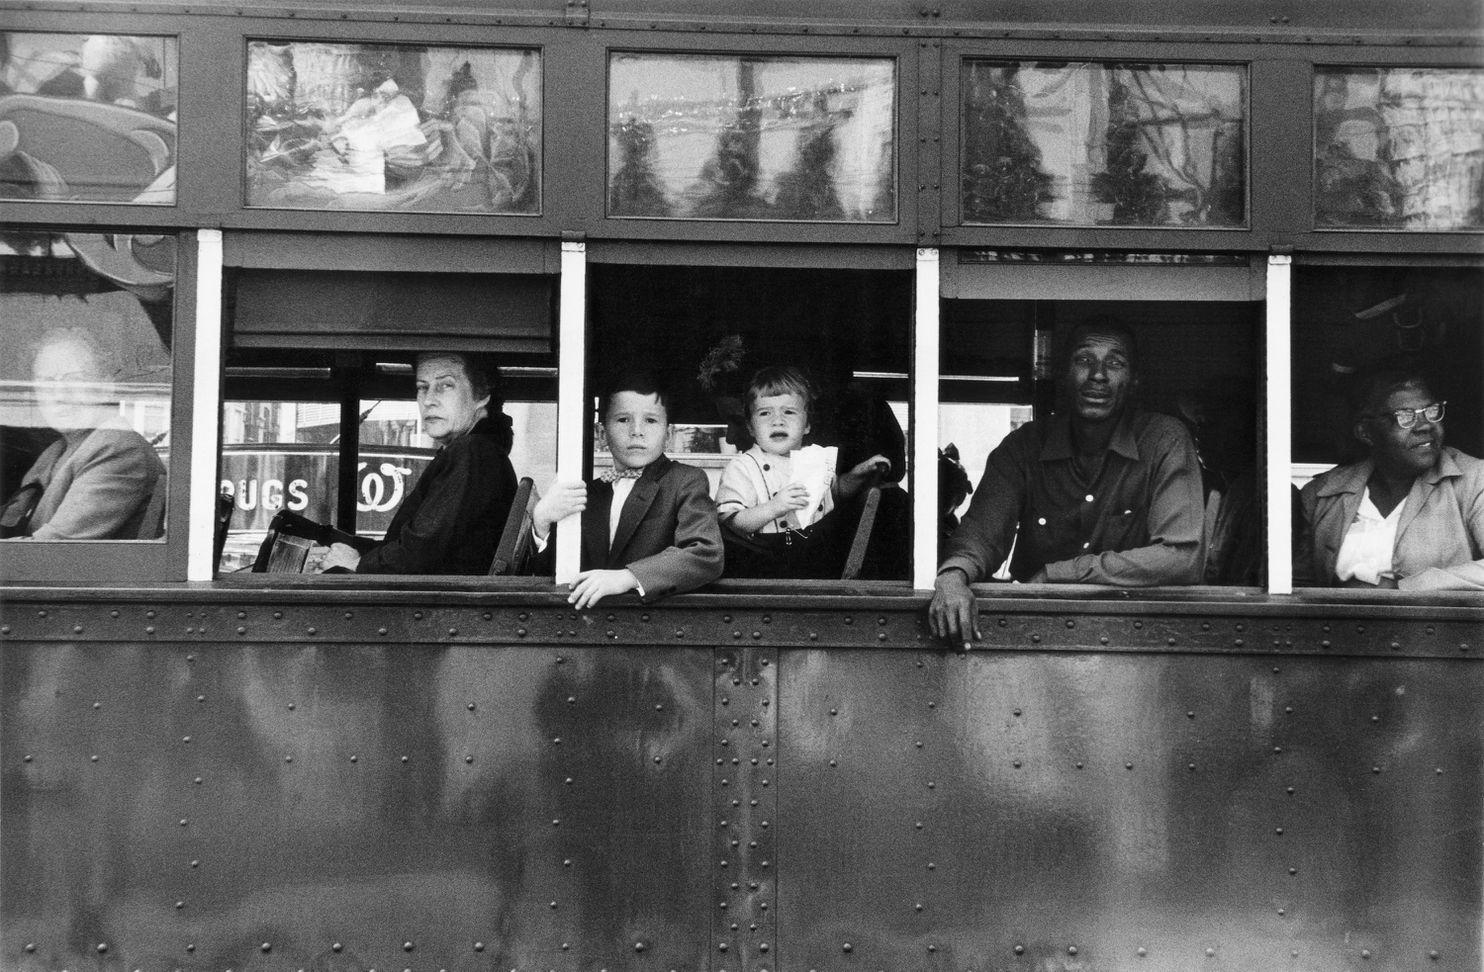 El Fotografo Robert Frank nos deja, Robert Frank